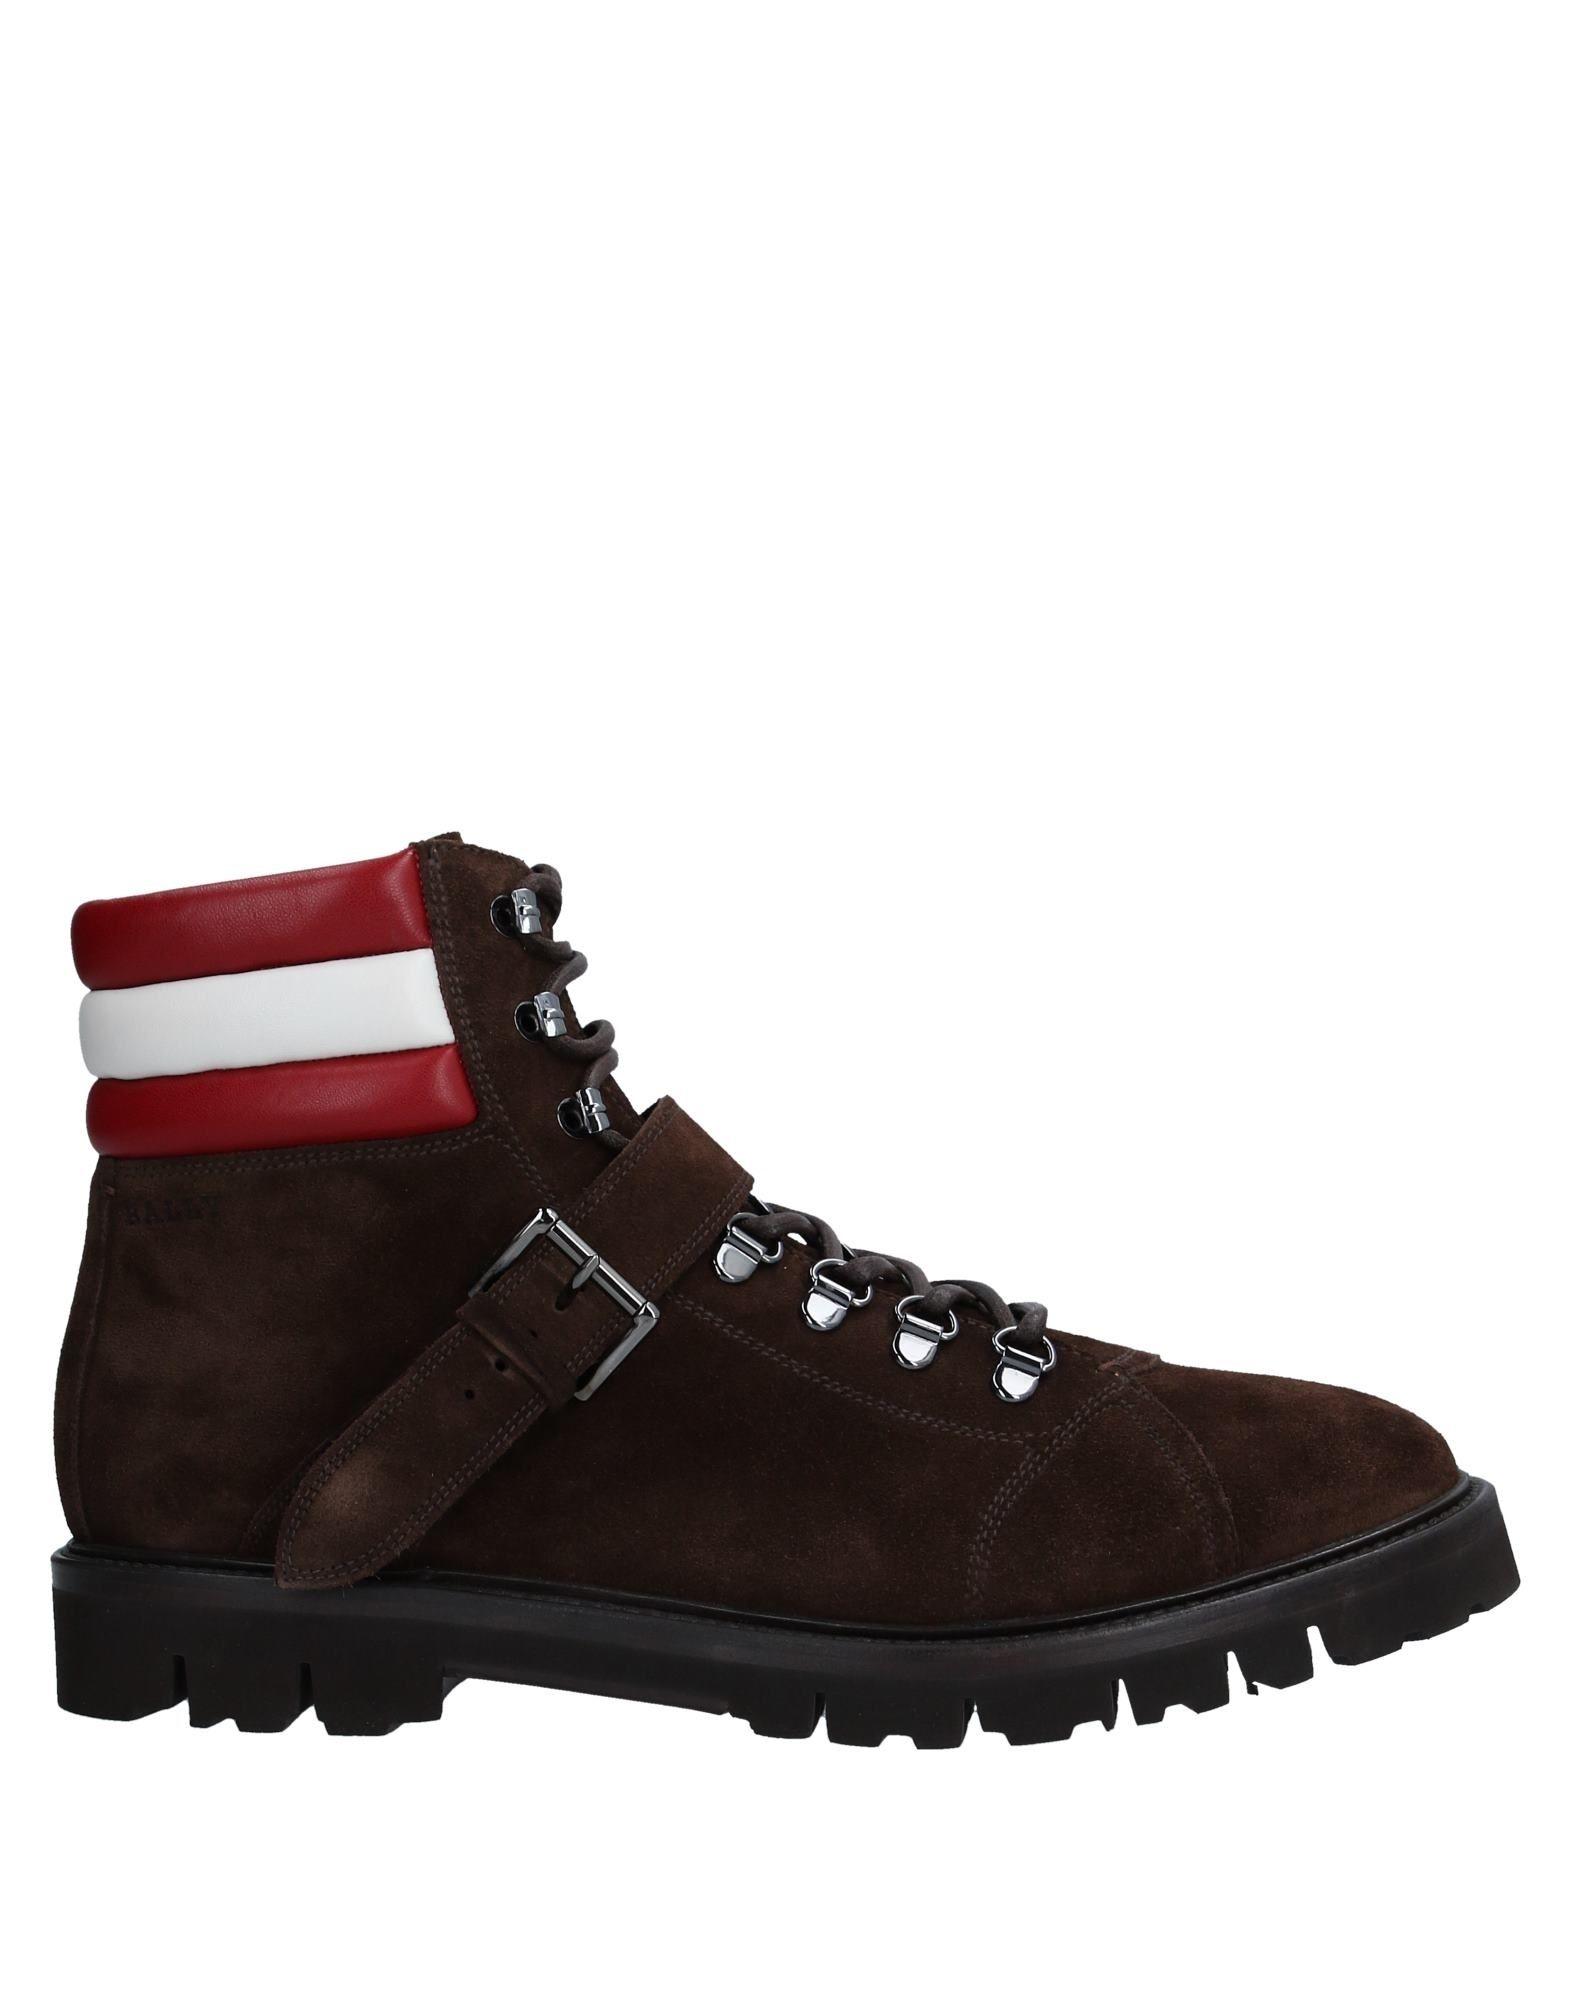 BALLY Полусапоги и высокие ботинки ботинки лыжные nn75 spine nordik размер 41